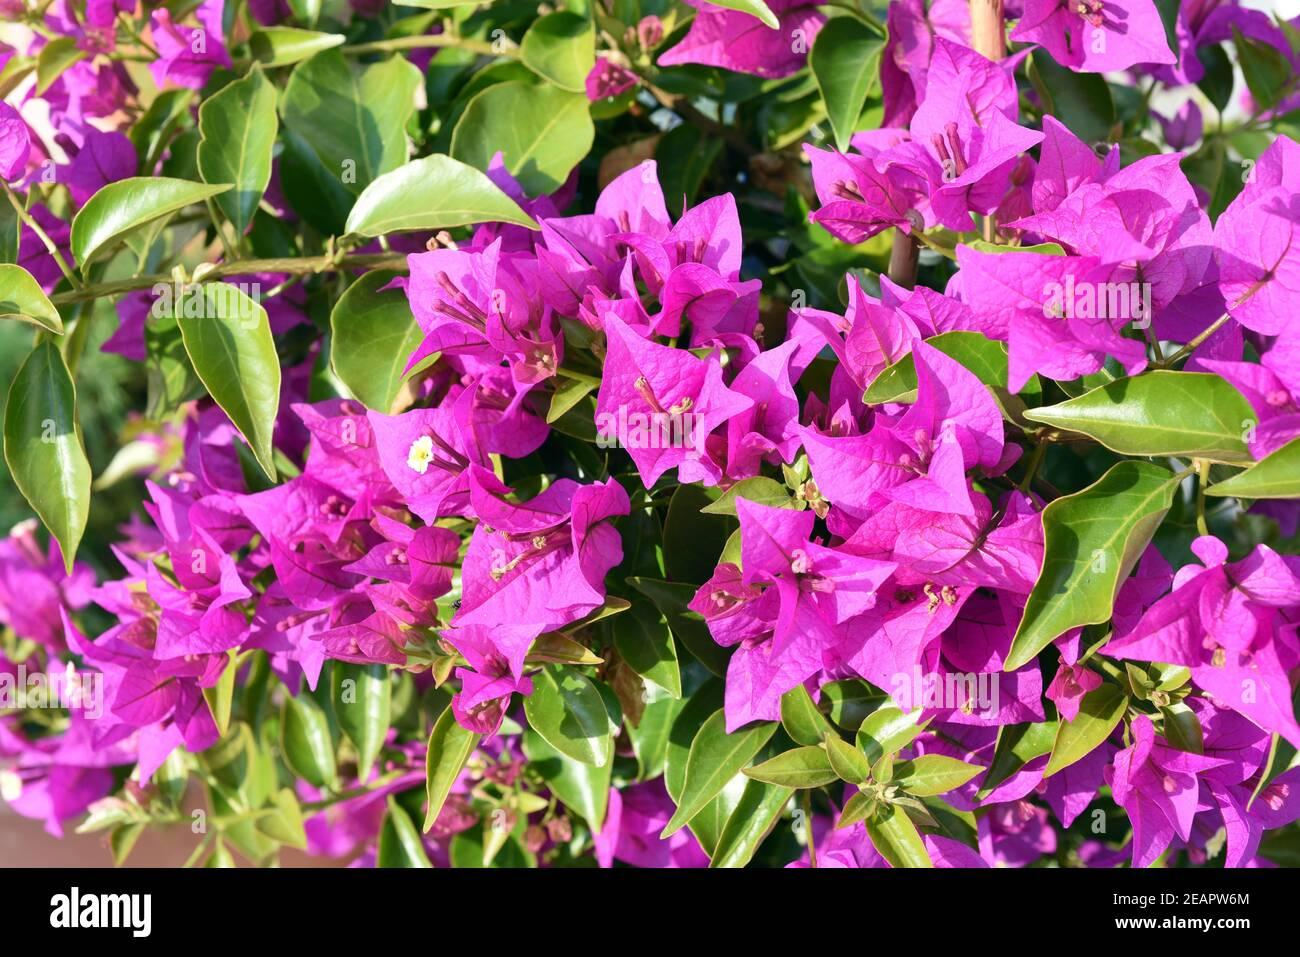 Bougainvillea, Glabra, Spectabilis, Bougainvilleas, Drillingsblume Stock Photo